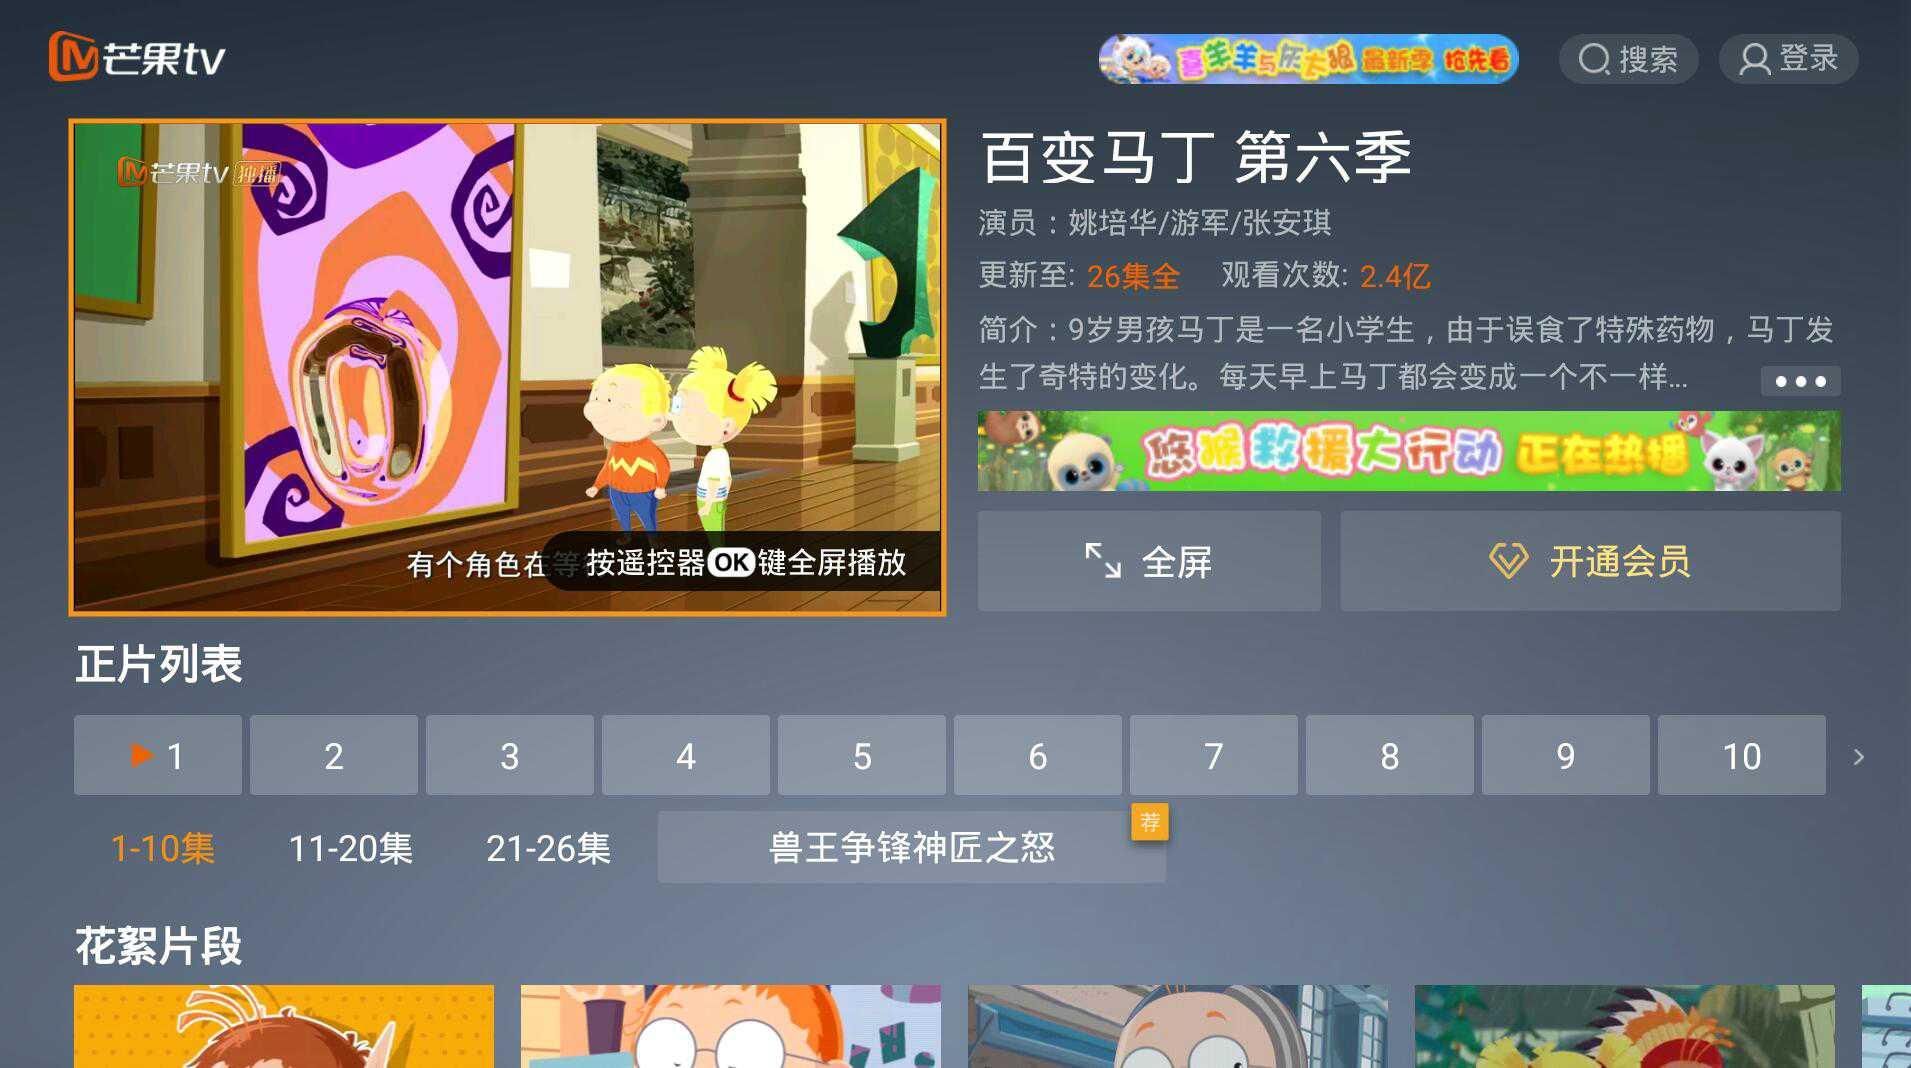 盒子应用 芒果TV绿化版